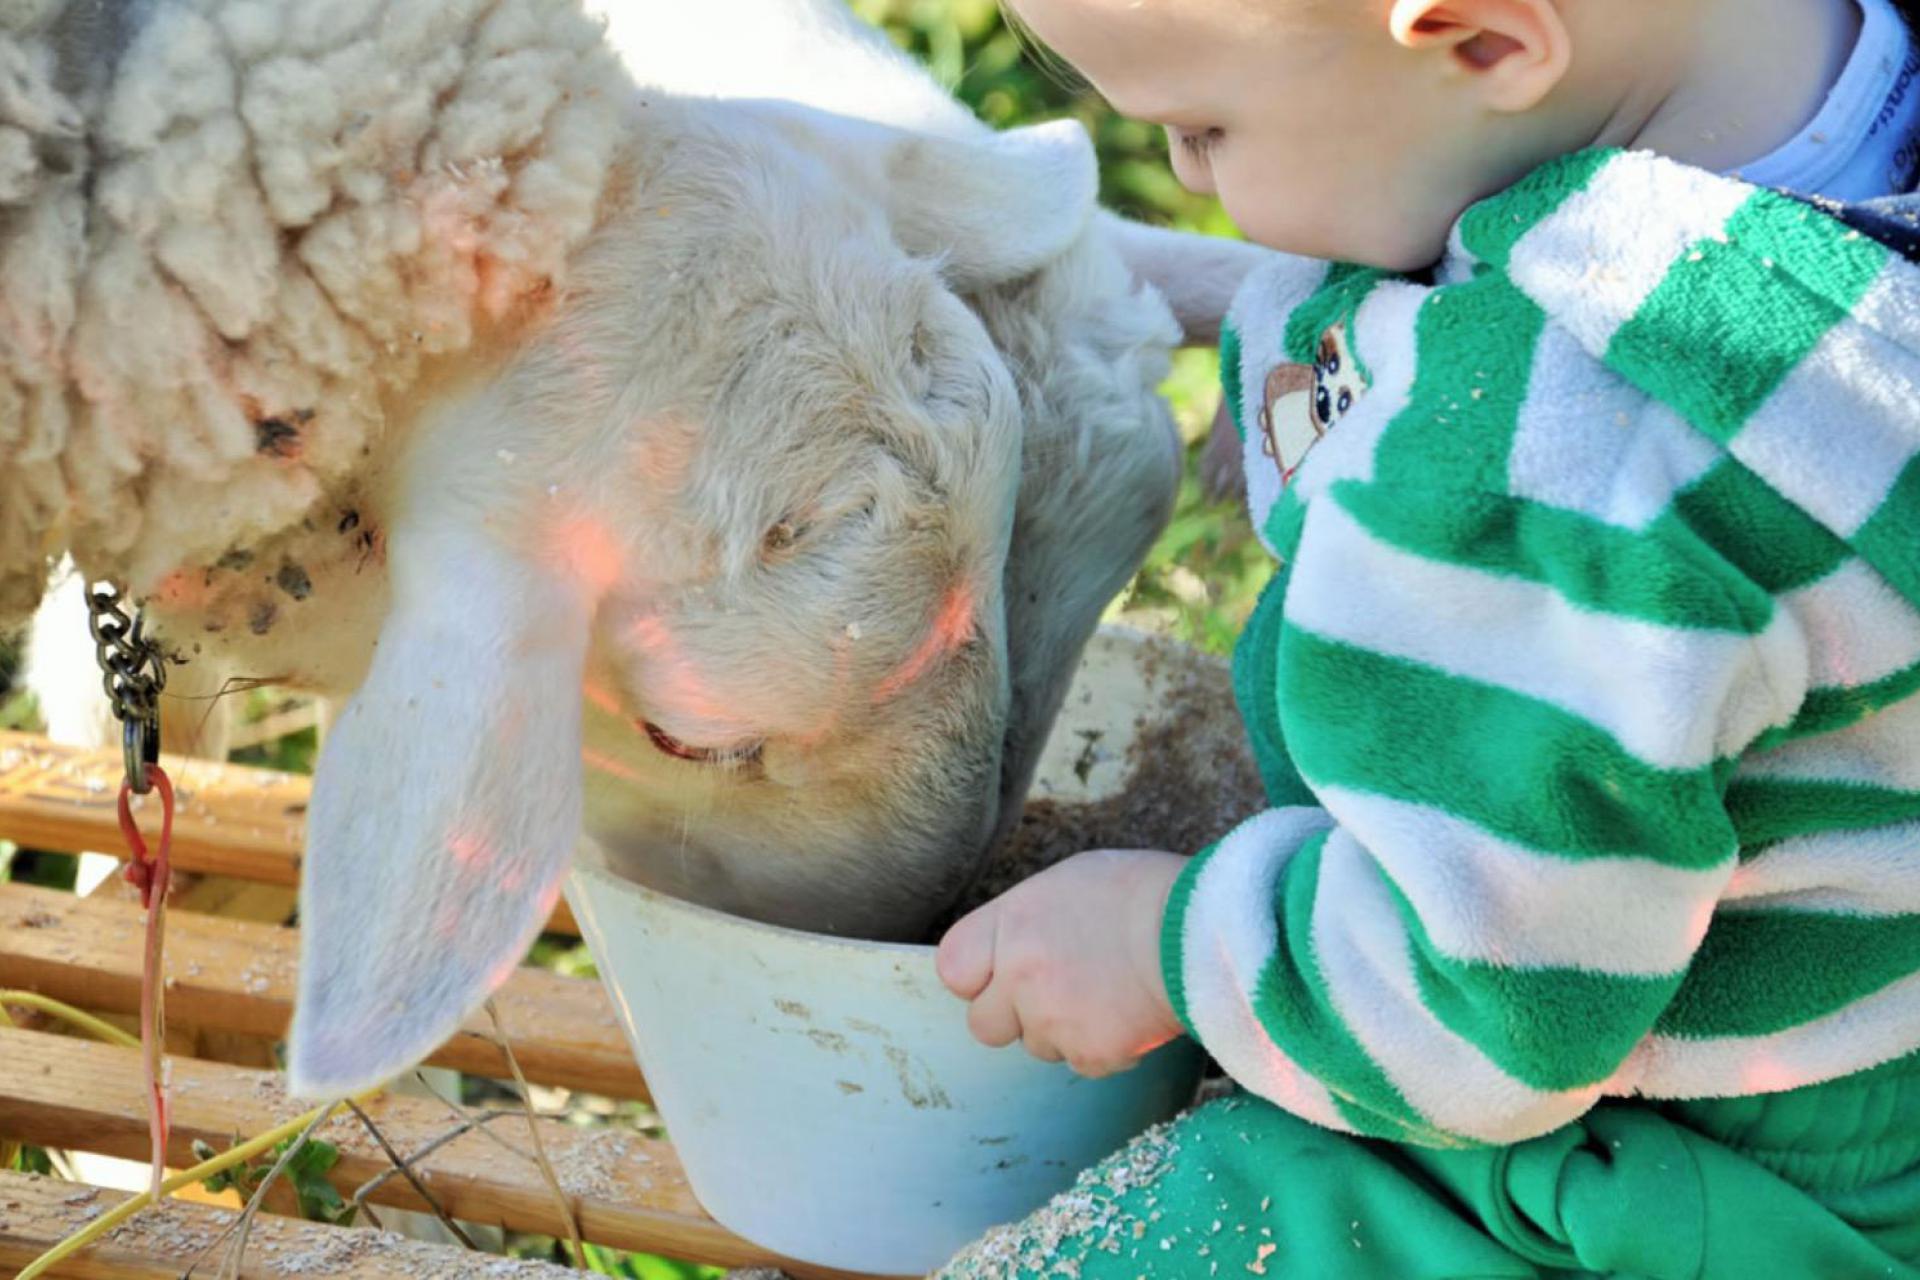 Agriturismo Toscane Leuke en kindvriendelijke agriturismo vlakbij zee in Toscane